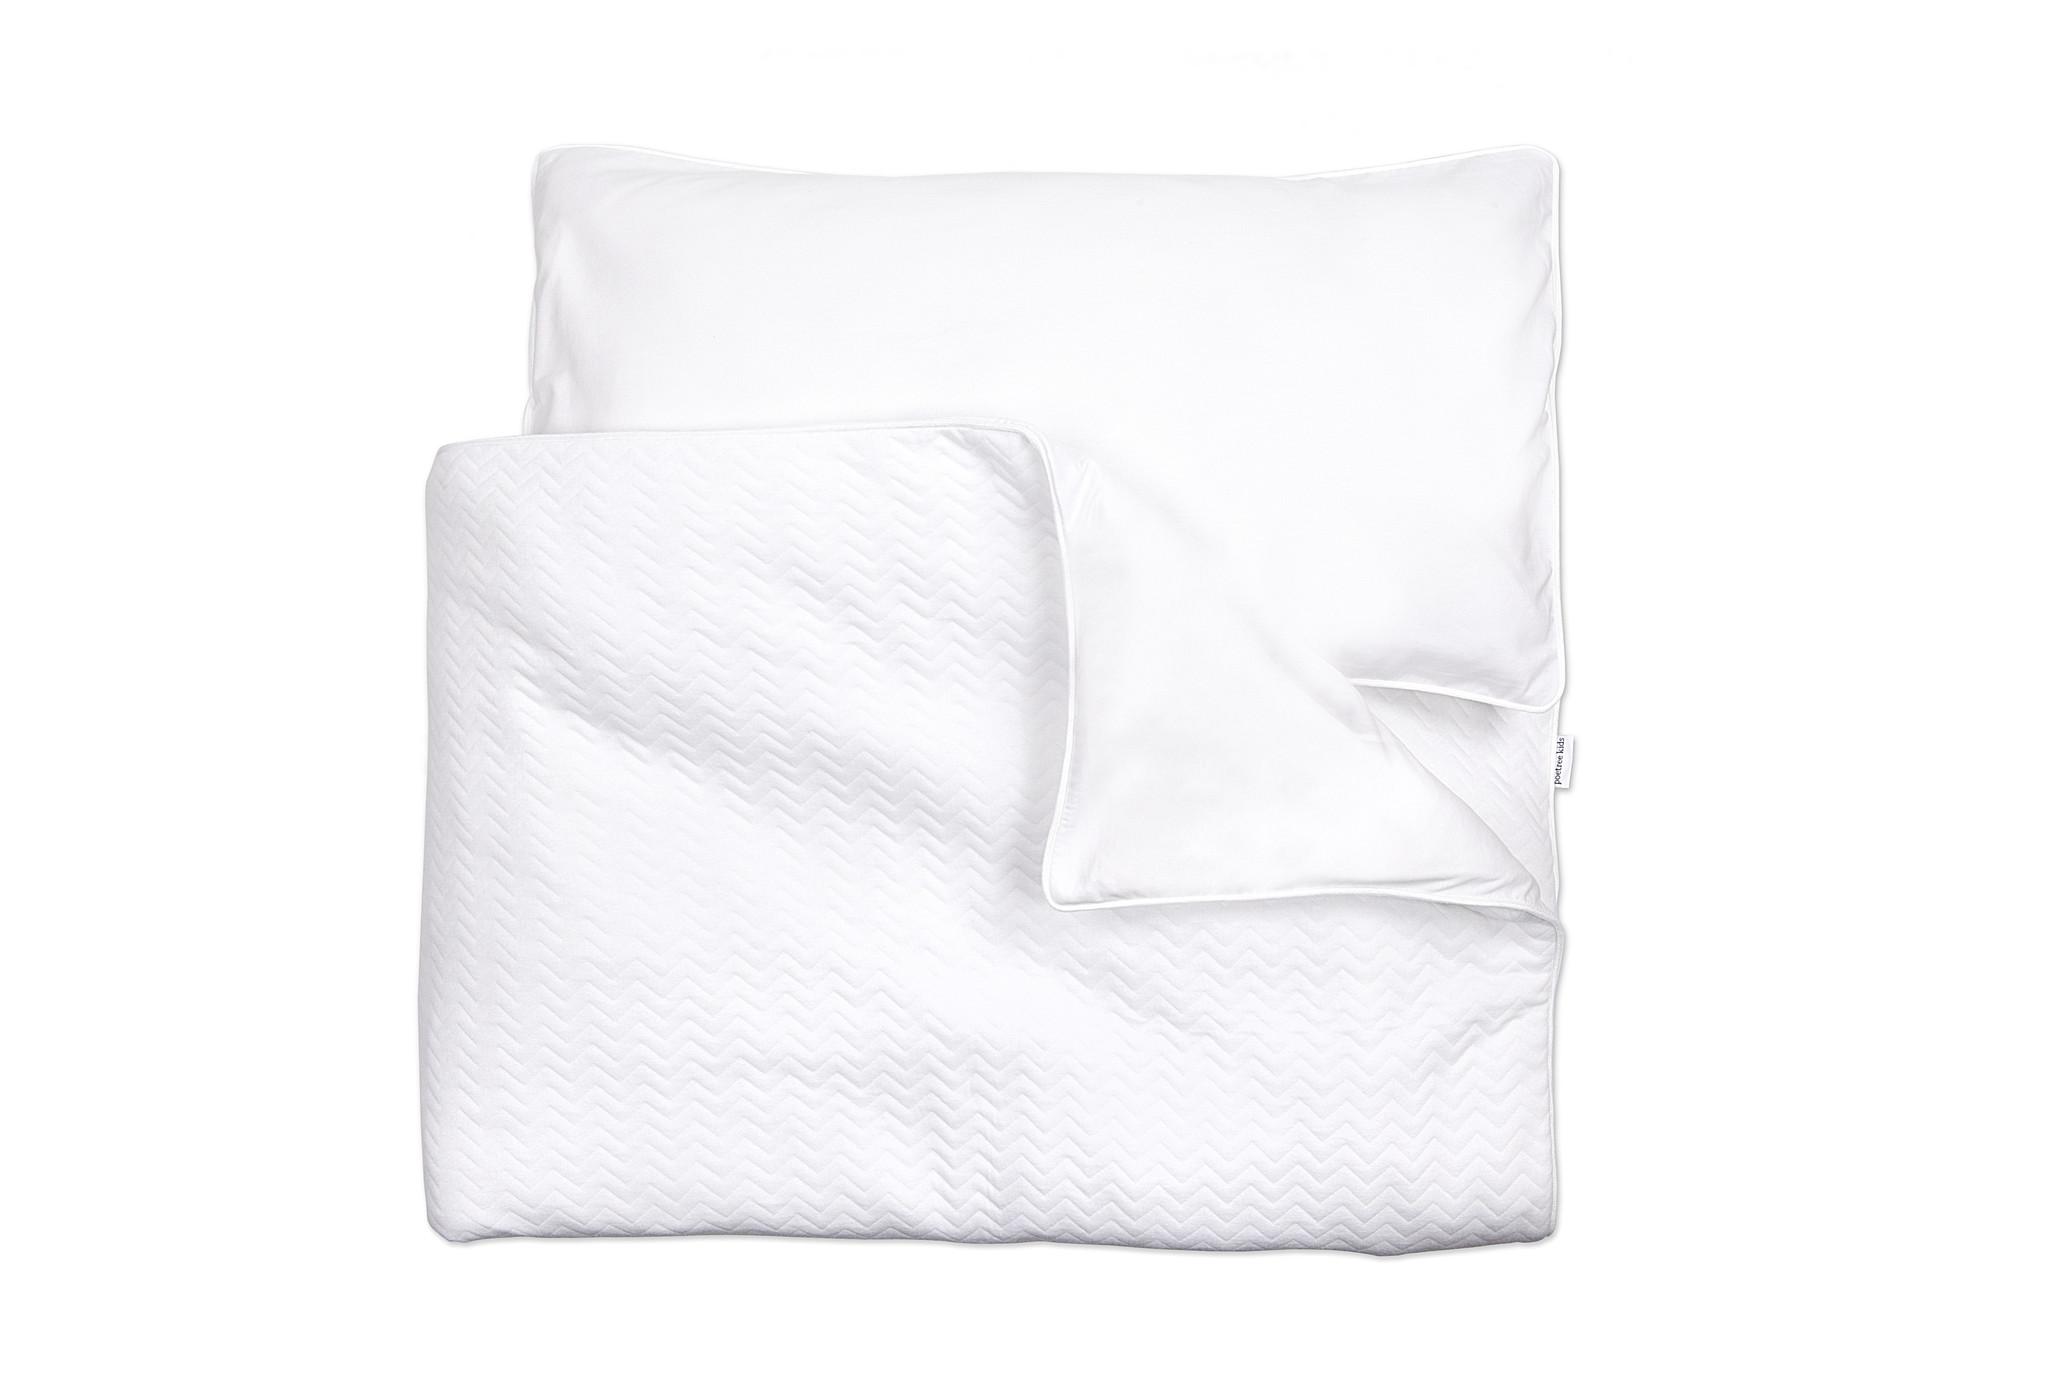 Crib / Playpen Duvet Cover & Pillow case-2